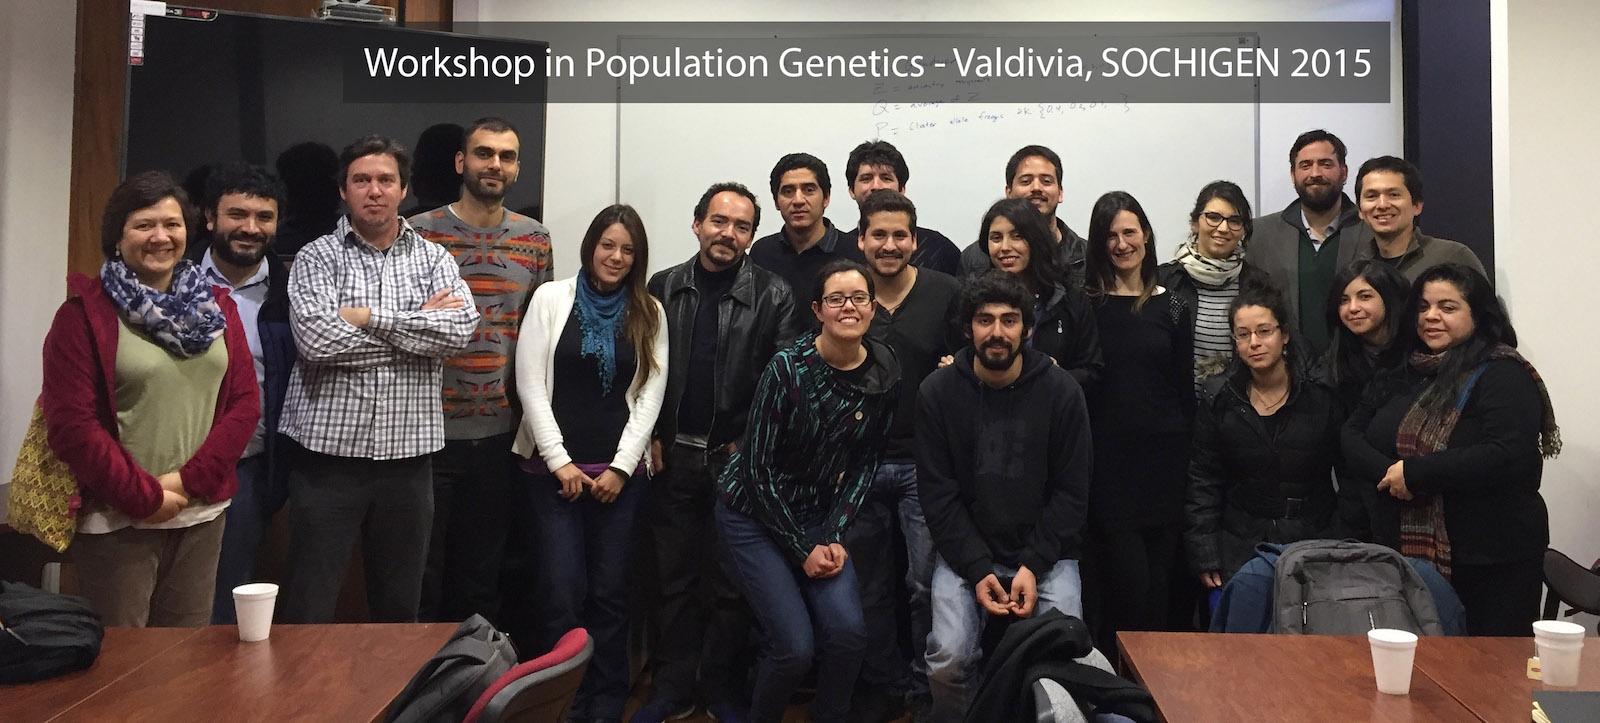 Back row, de derecha a izquierda, 2º posición: Dr. Christopher Gignoux. De izquierda a derecha, 4º posición: Dr. Georgios Athanasiadis